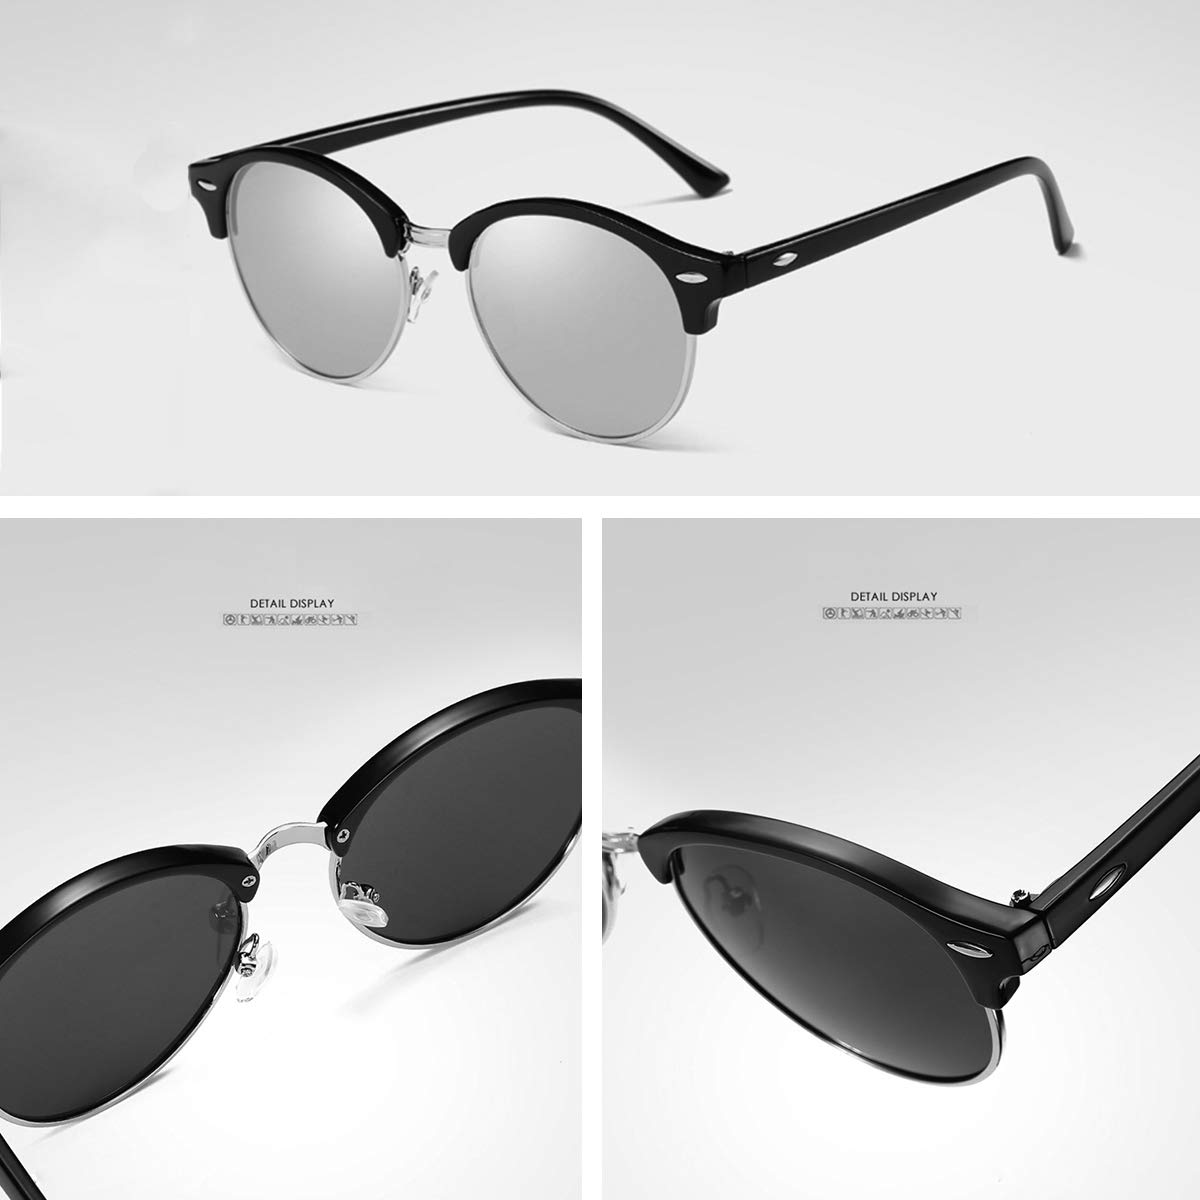 Amazon.com: Gafas de sol polarizadas con remaches de metal y ...